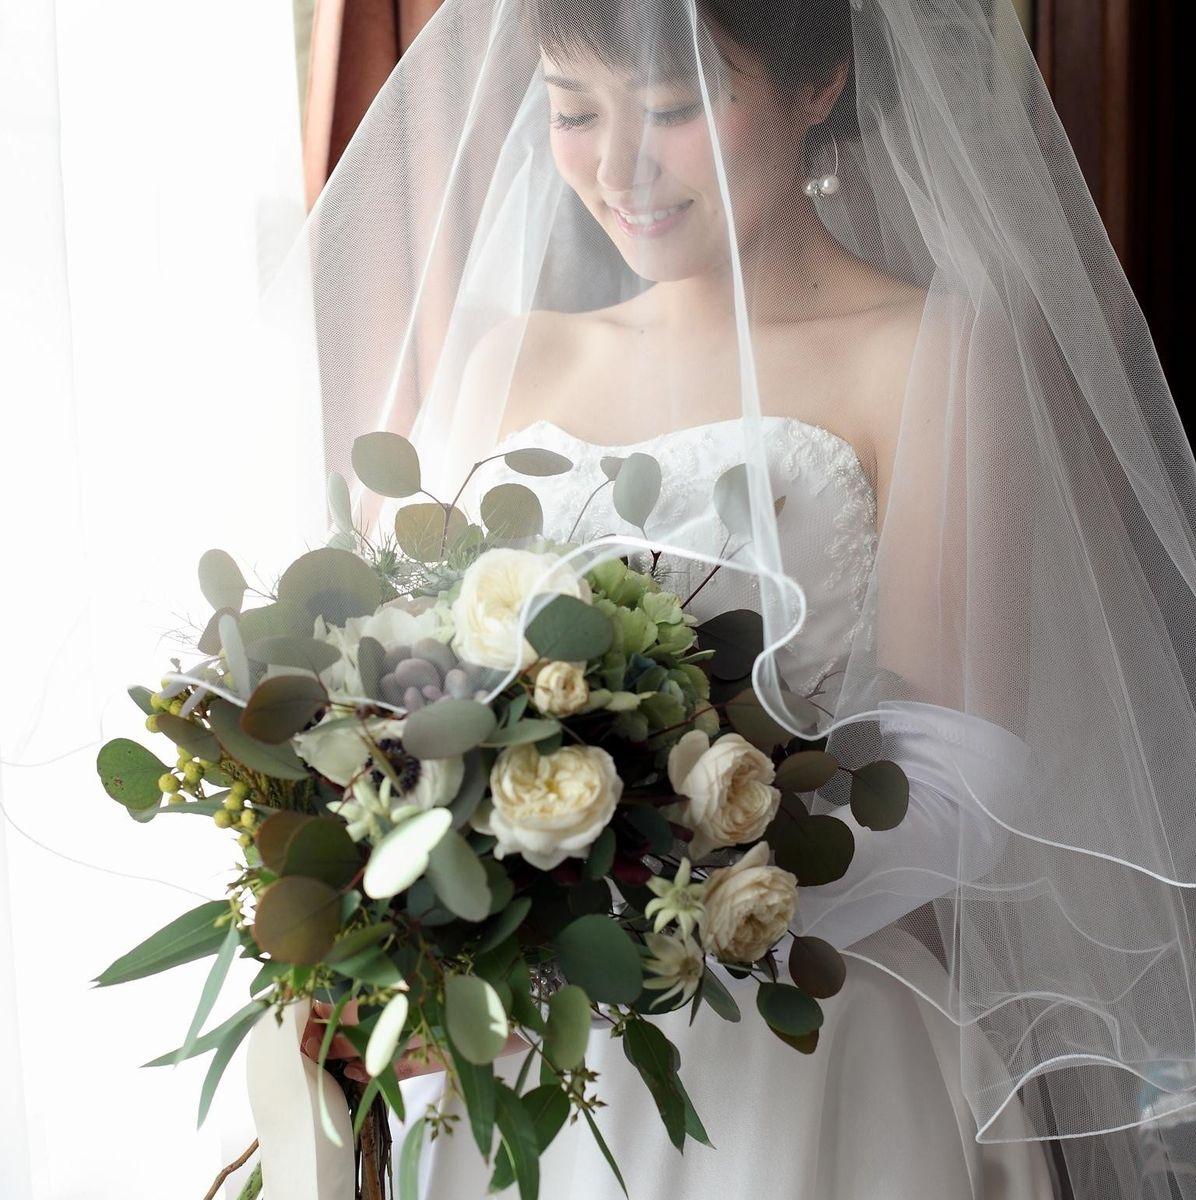 kim_wedding_tanaさんのジェームス邸(神戸市指定有形文化財)写真1枚目